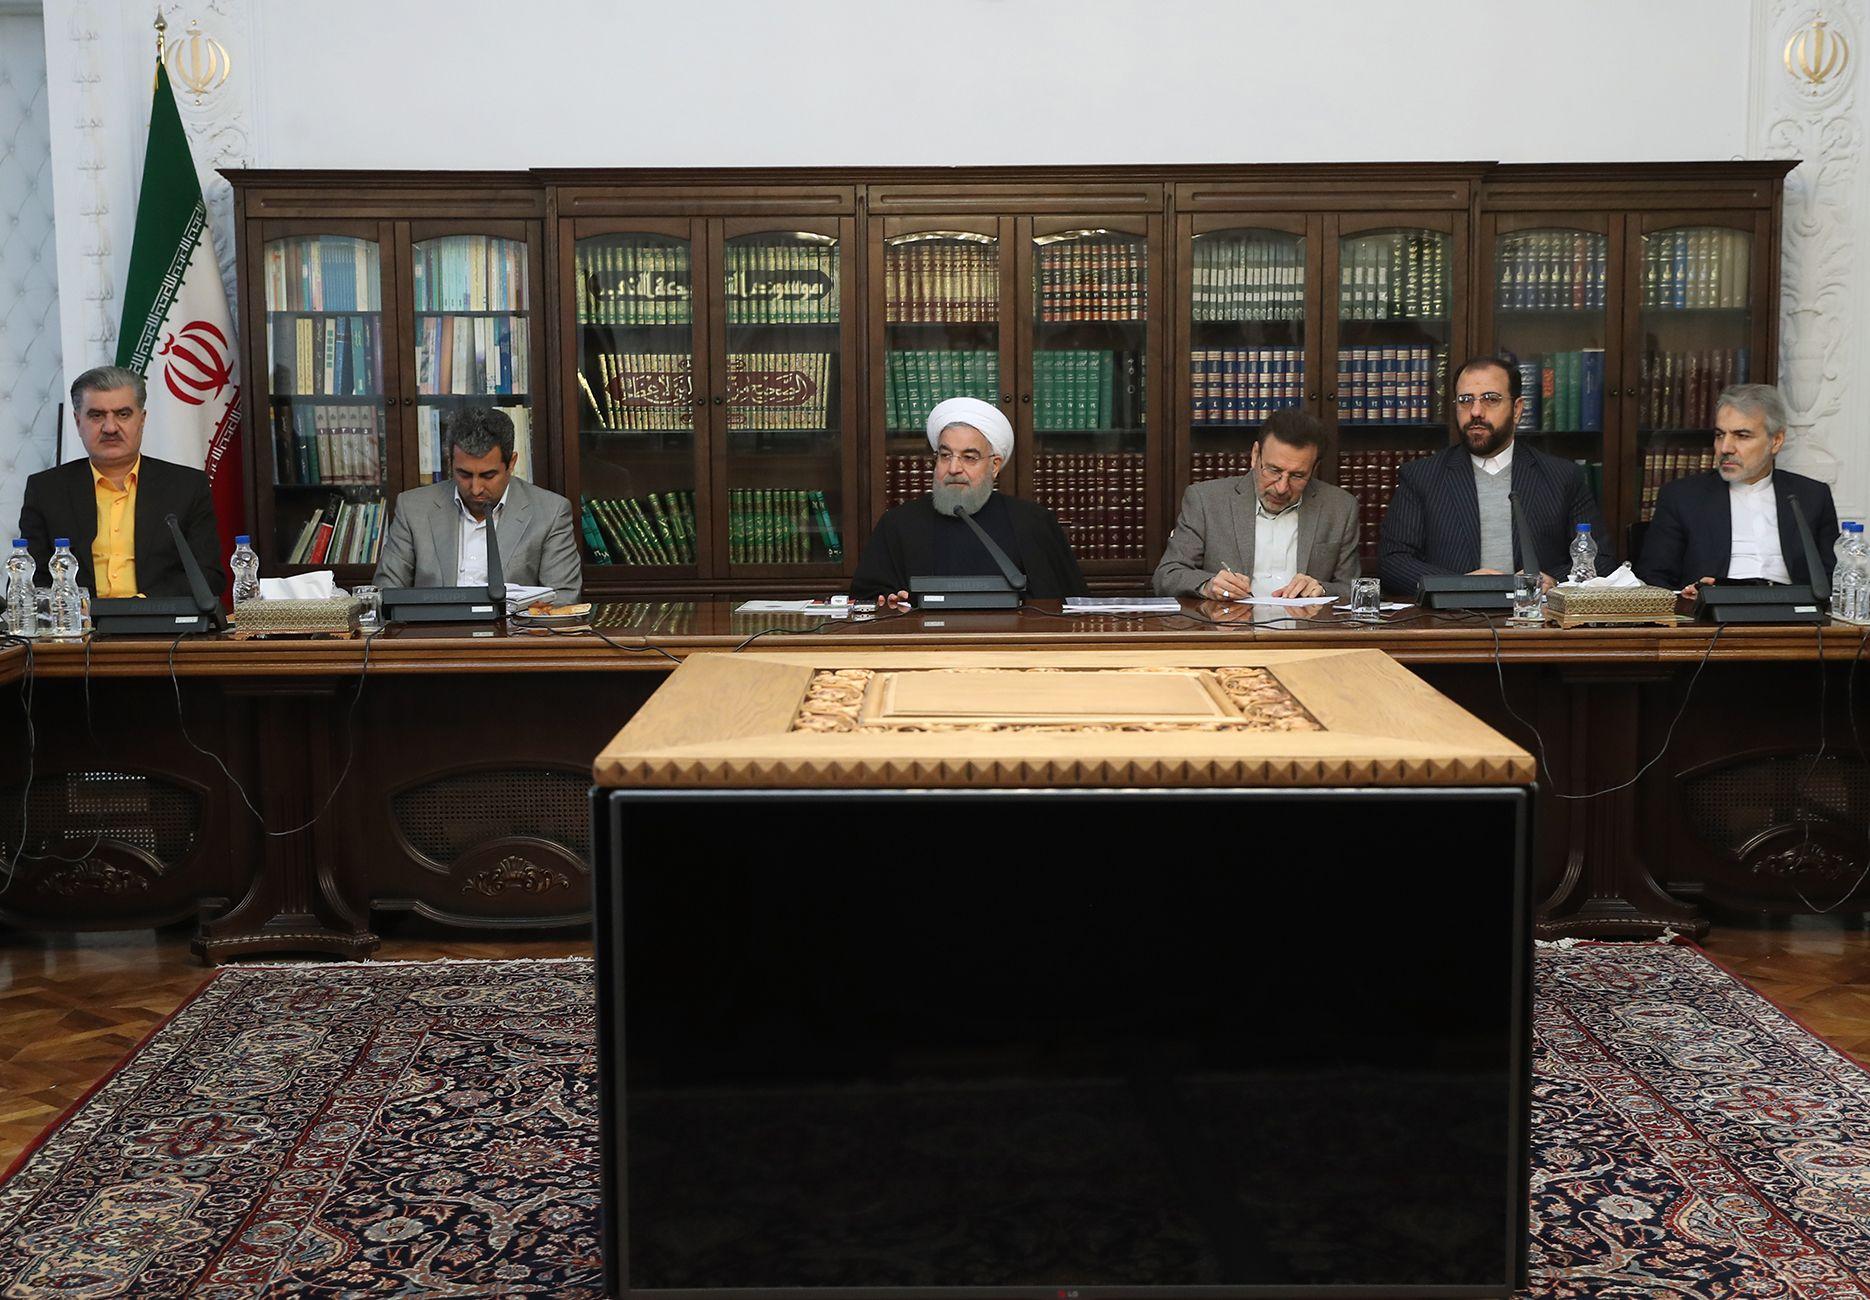 399493-صور-اجتماع-حسن-روحانى-وأعضاء-البرلمان-الإيرانى-(1)